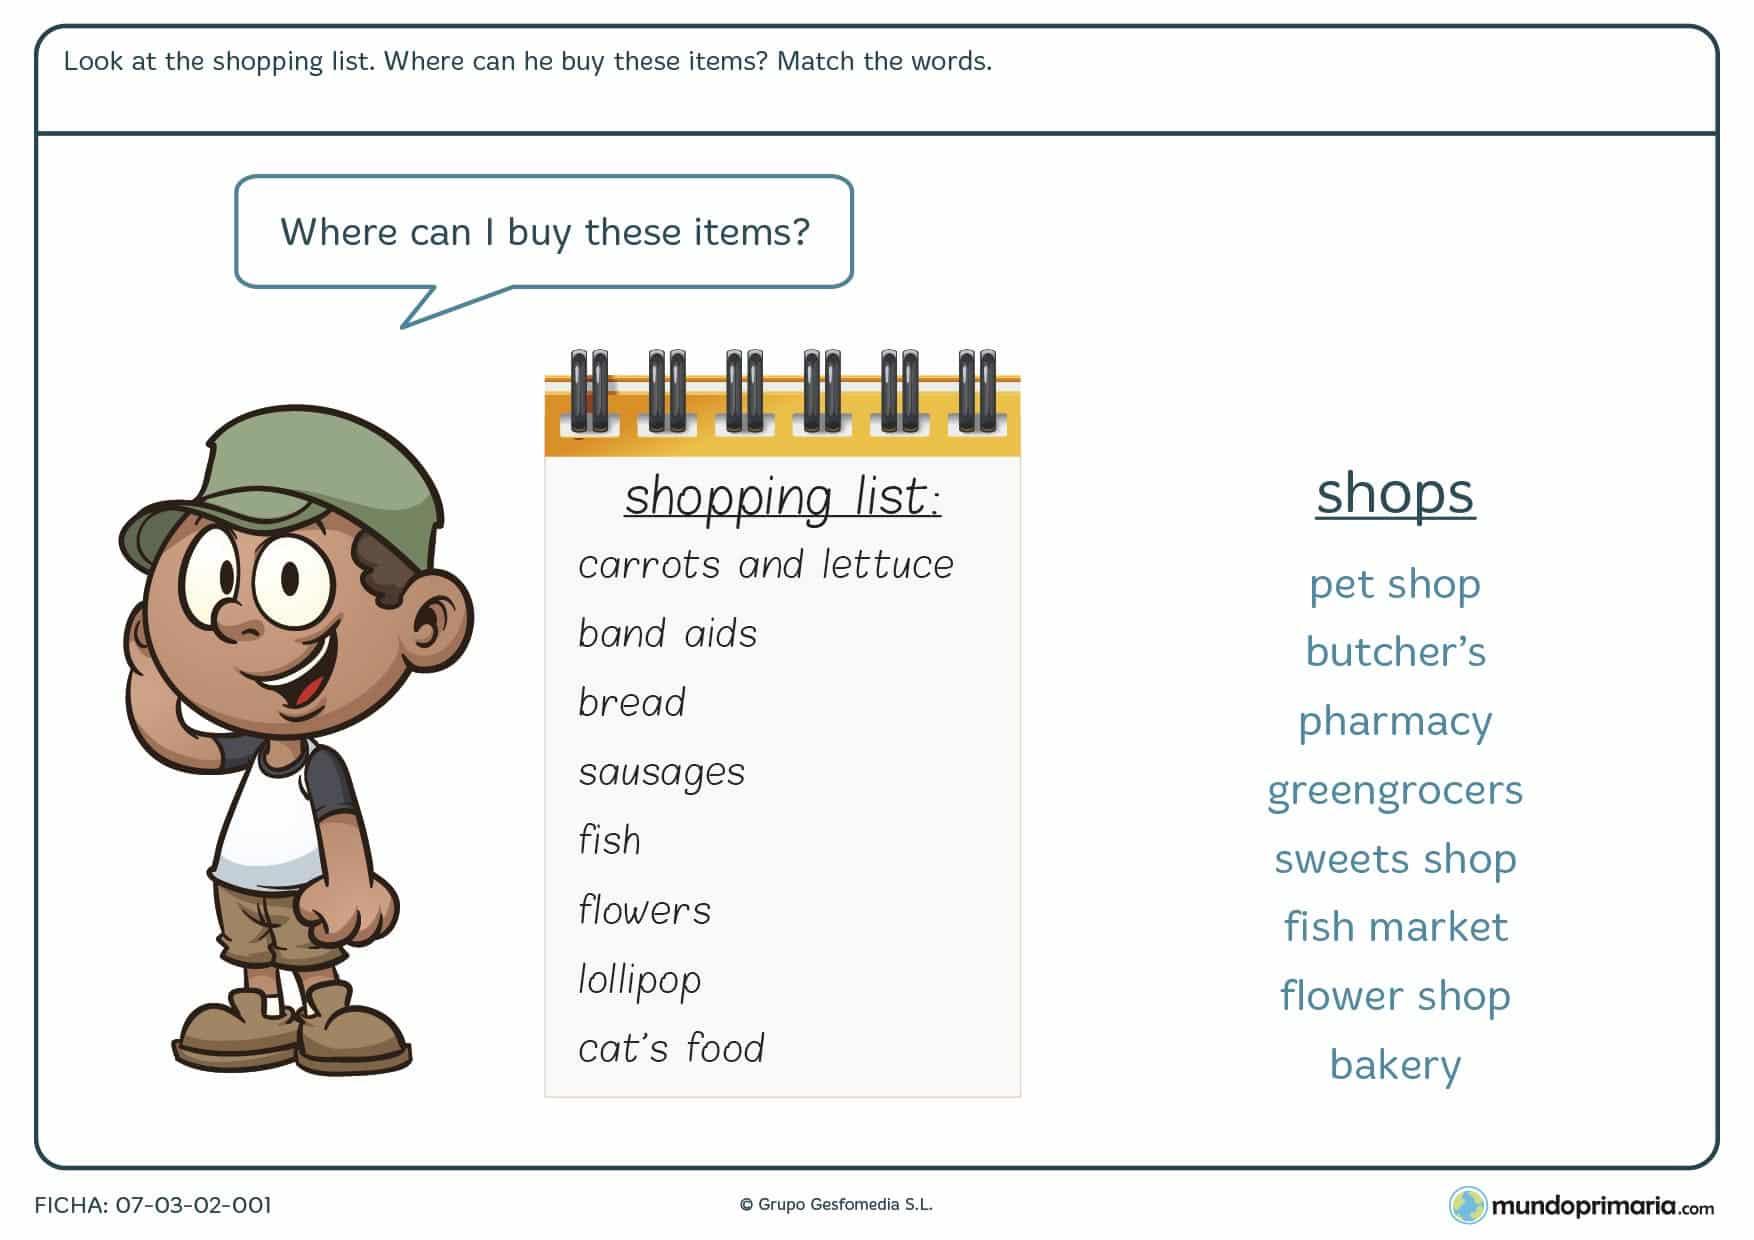 Esta ficha de shopping list es un ejercicio de repaso para saber donde comprar cada producto en inglés